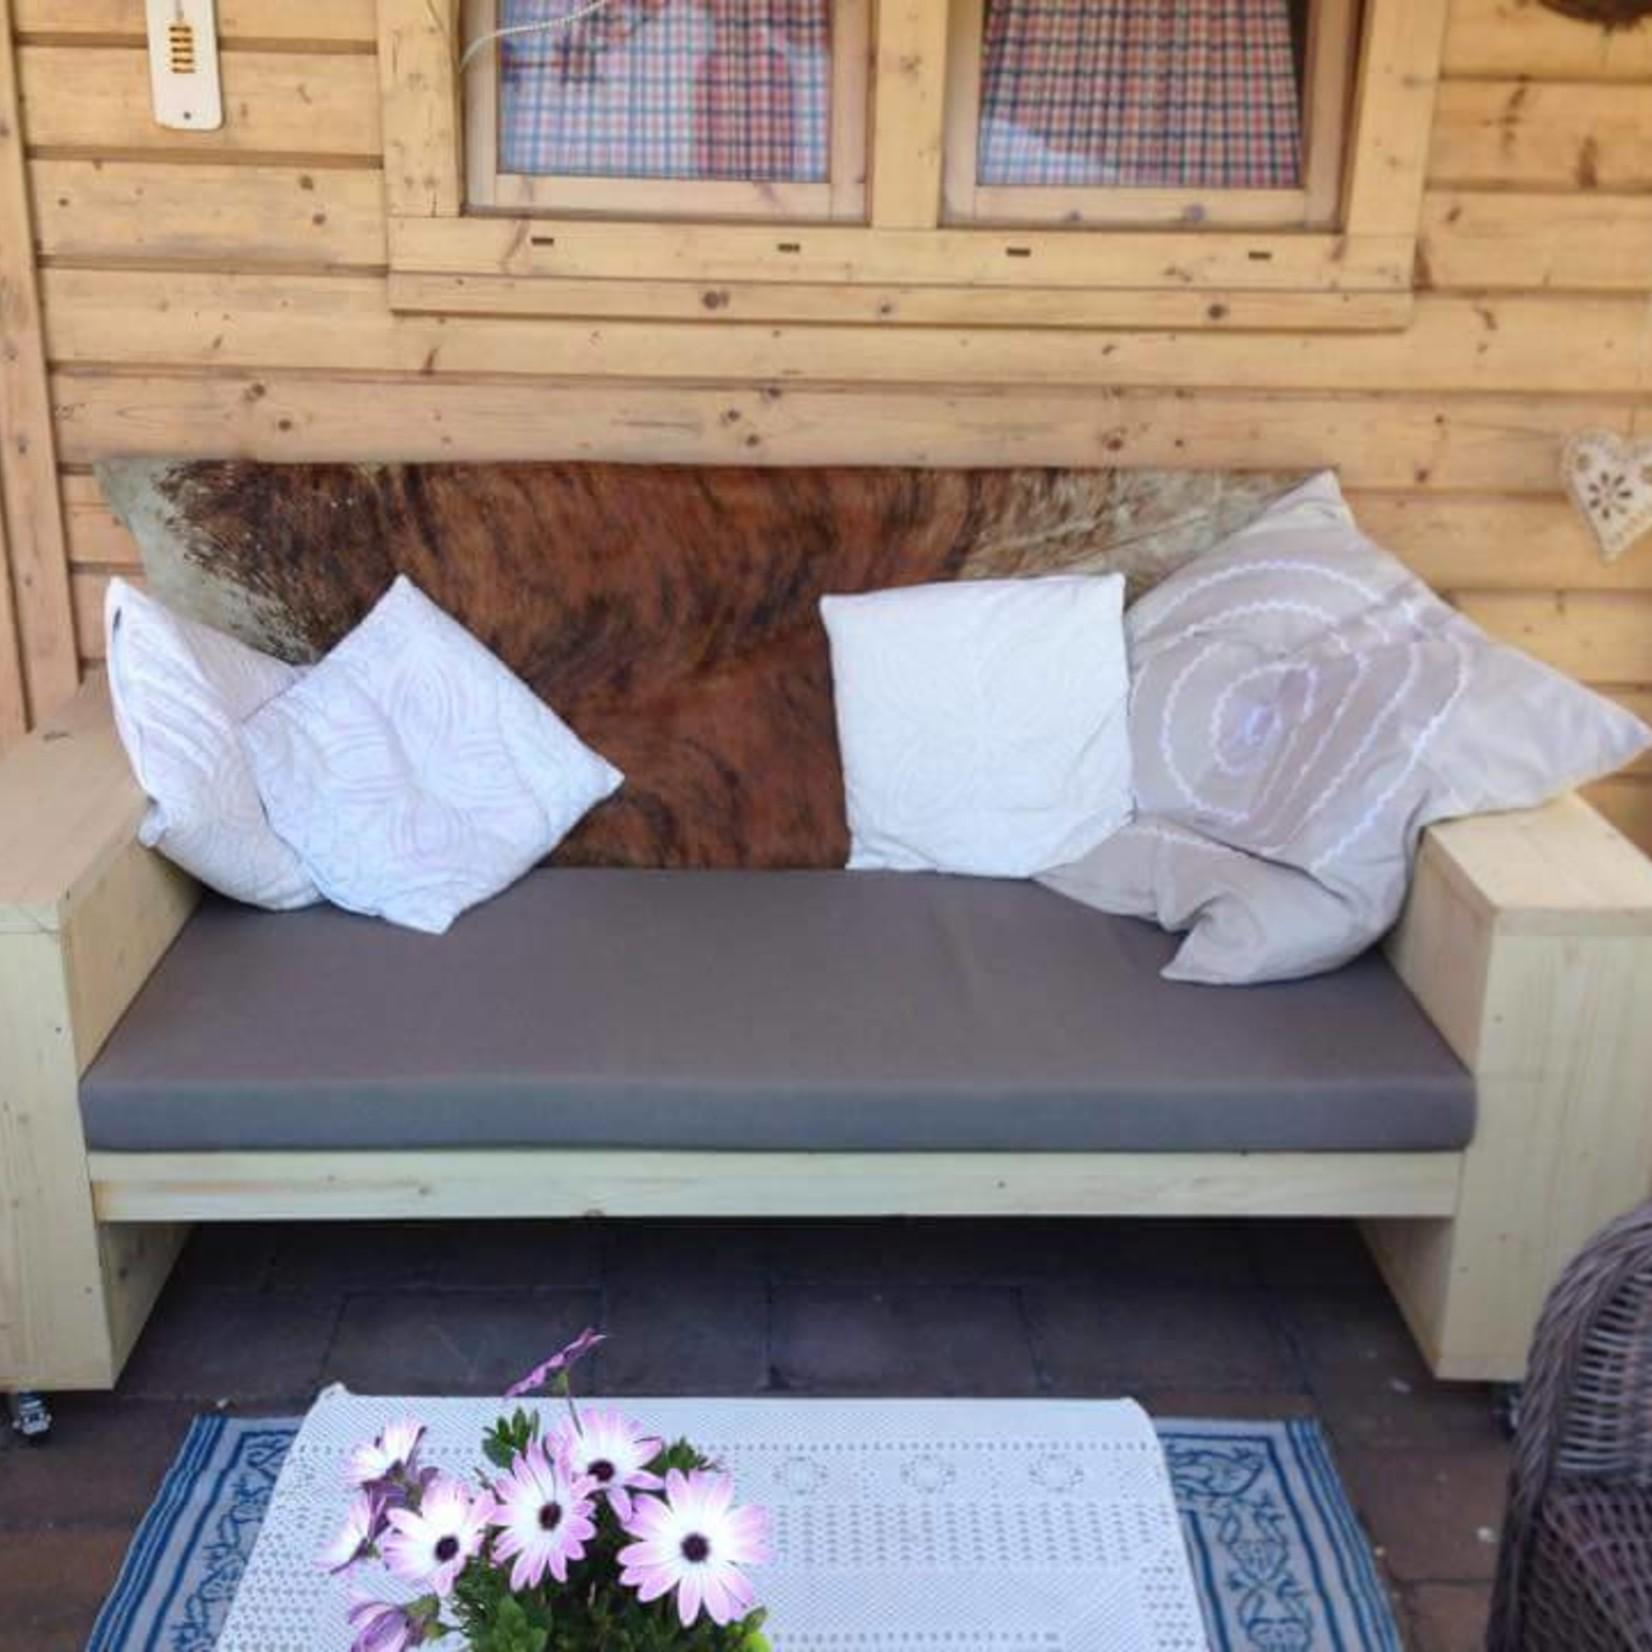 Tuinbank met 20 cm leuningen, zitting 60 cm diep